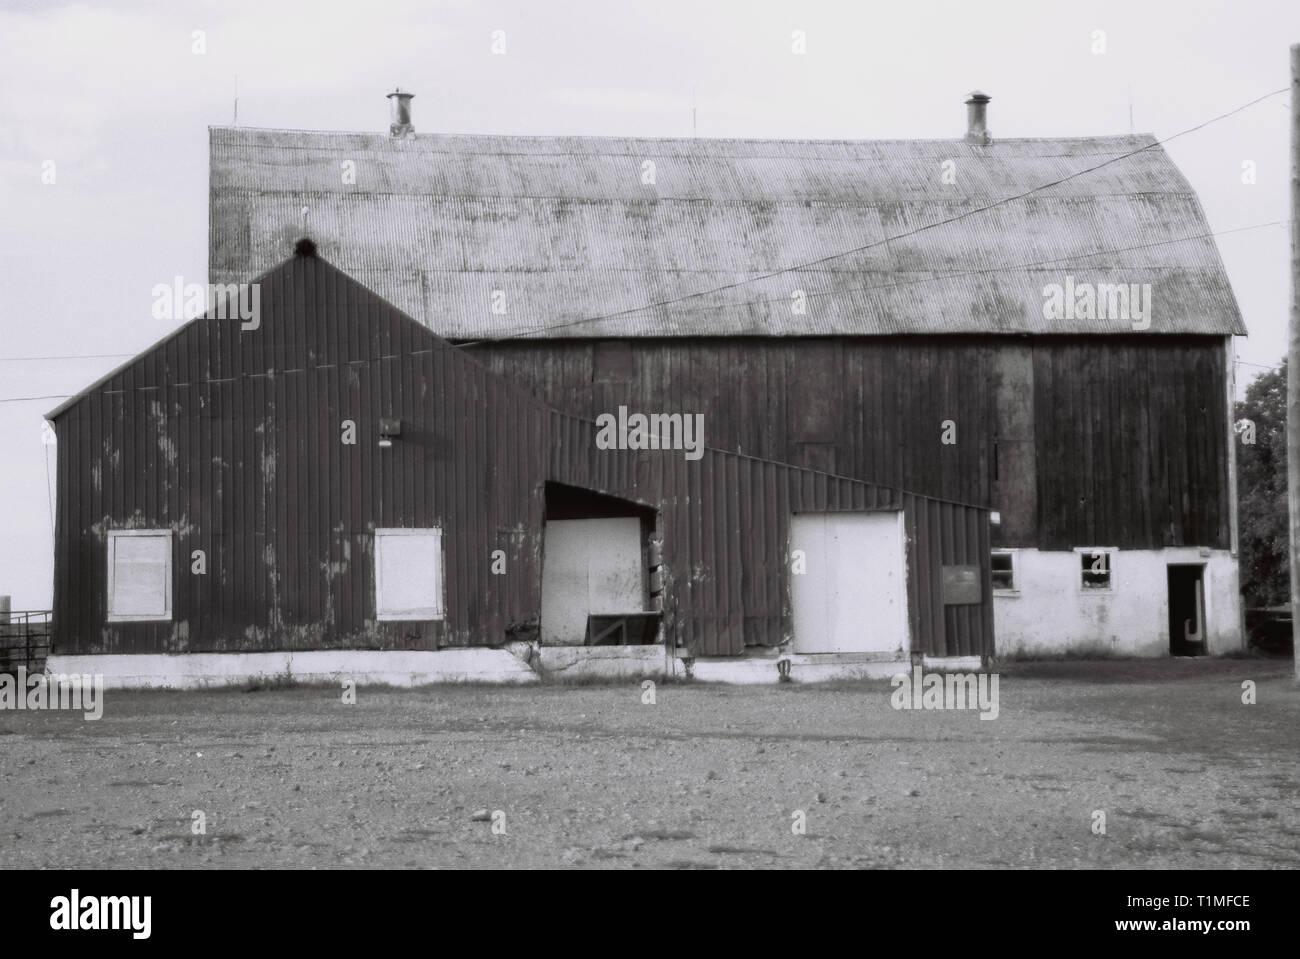 Grange en Elginburg, Ontario, Canada - Haute qualité négatif numérisé - 35mm - Photo prise en 2002 Photo Stock